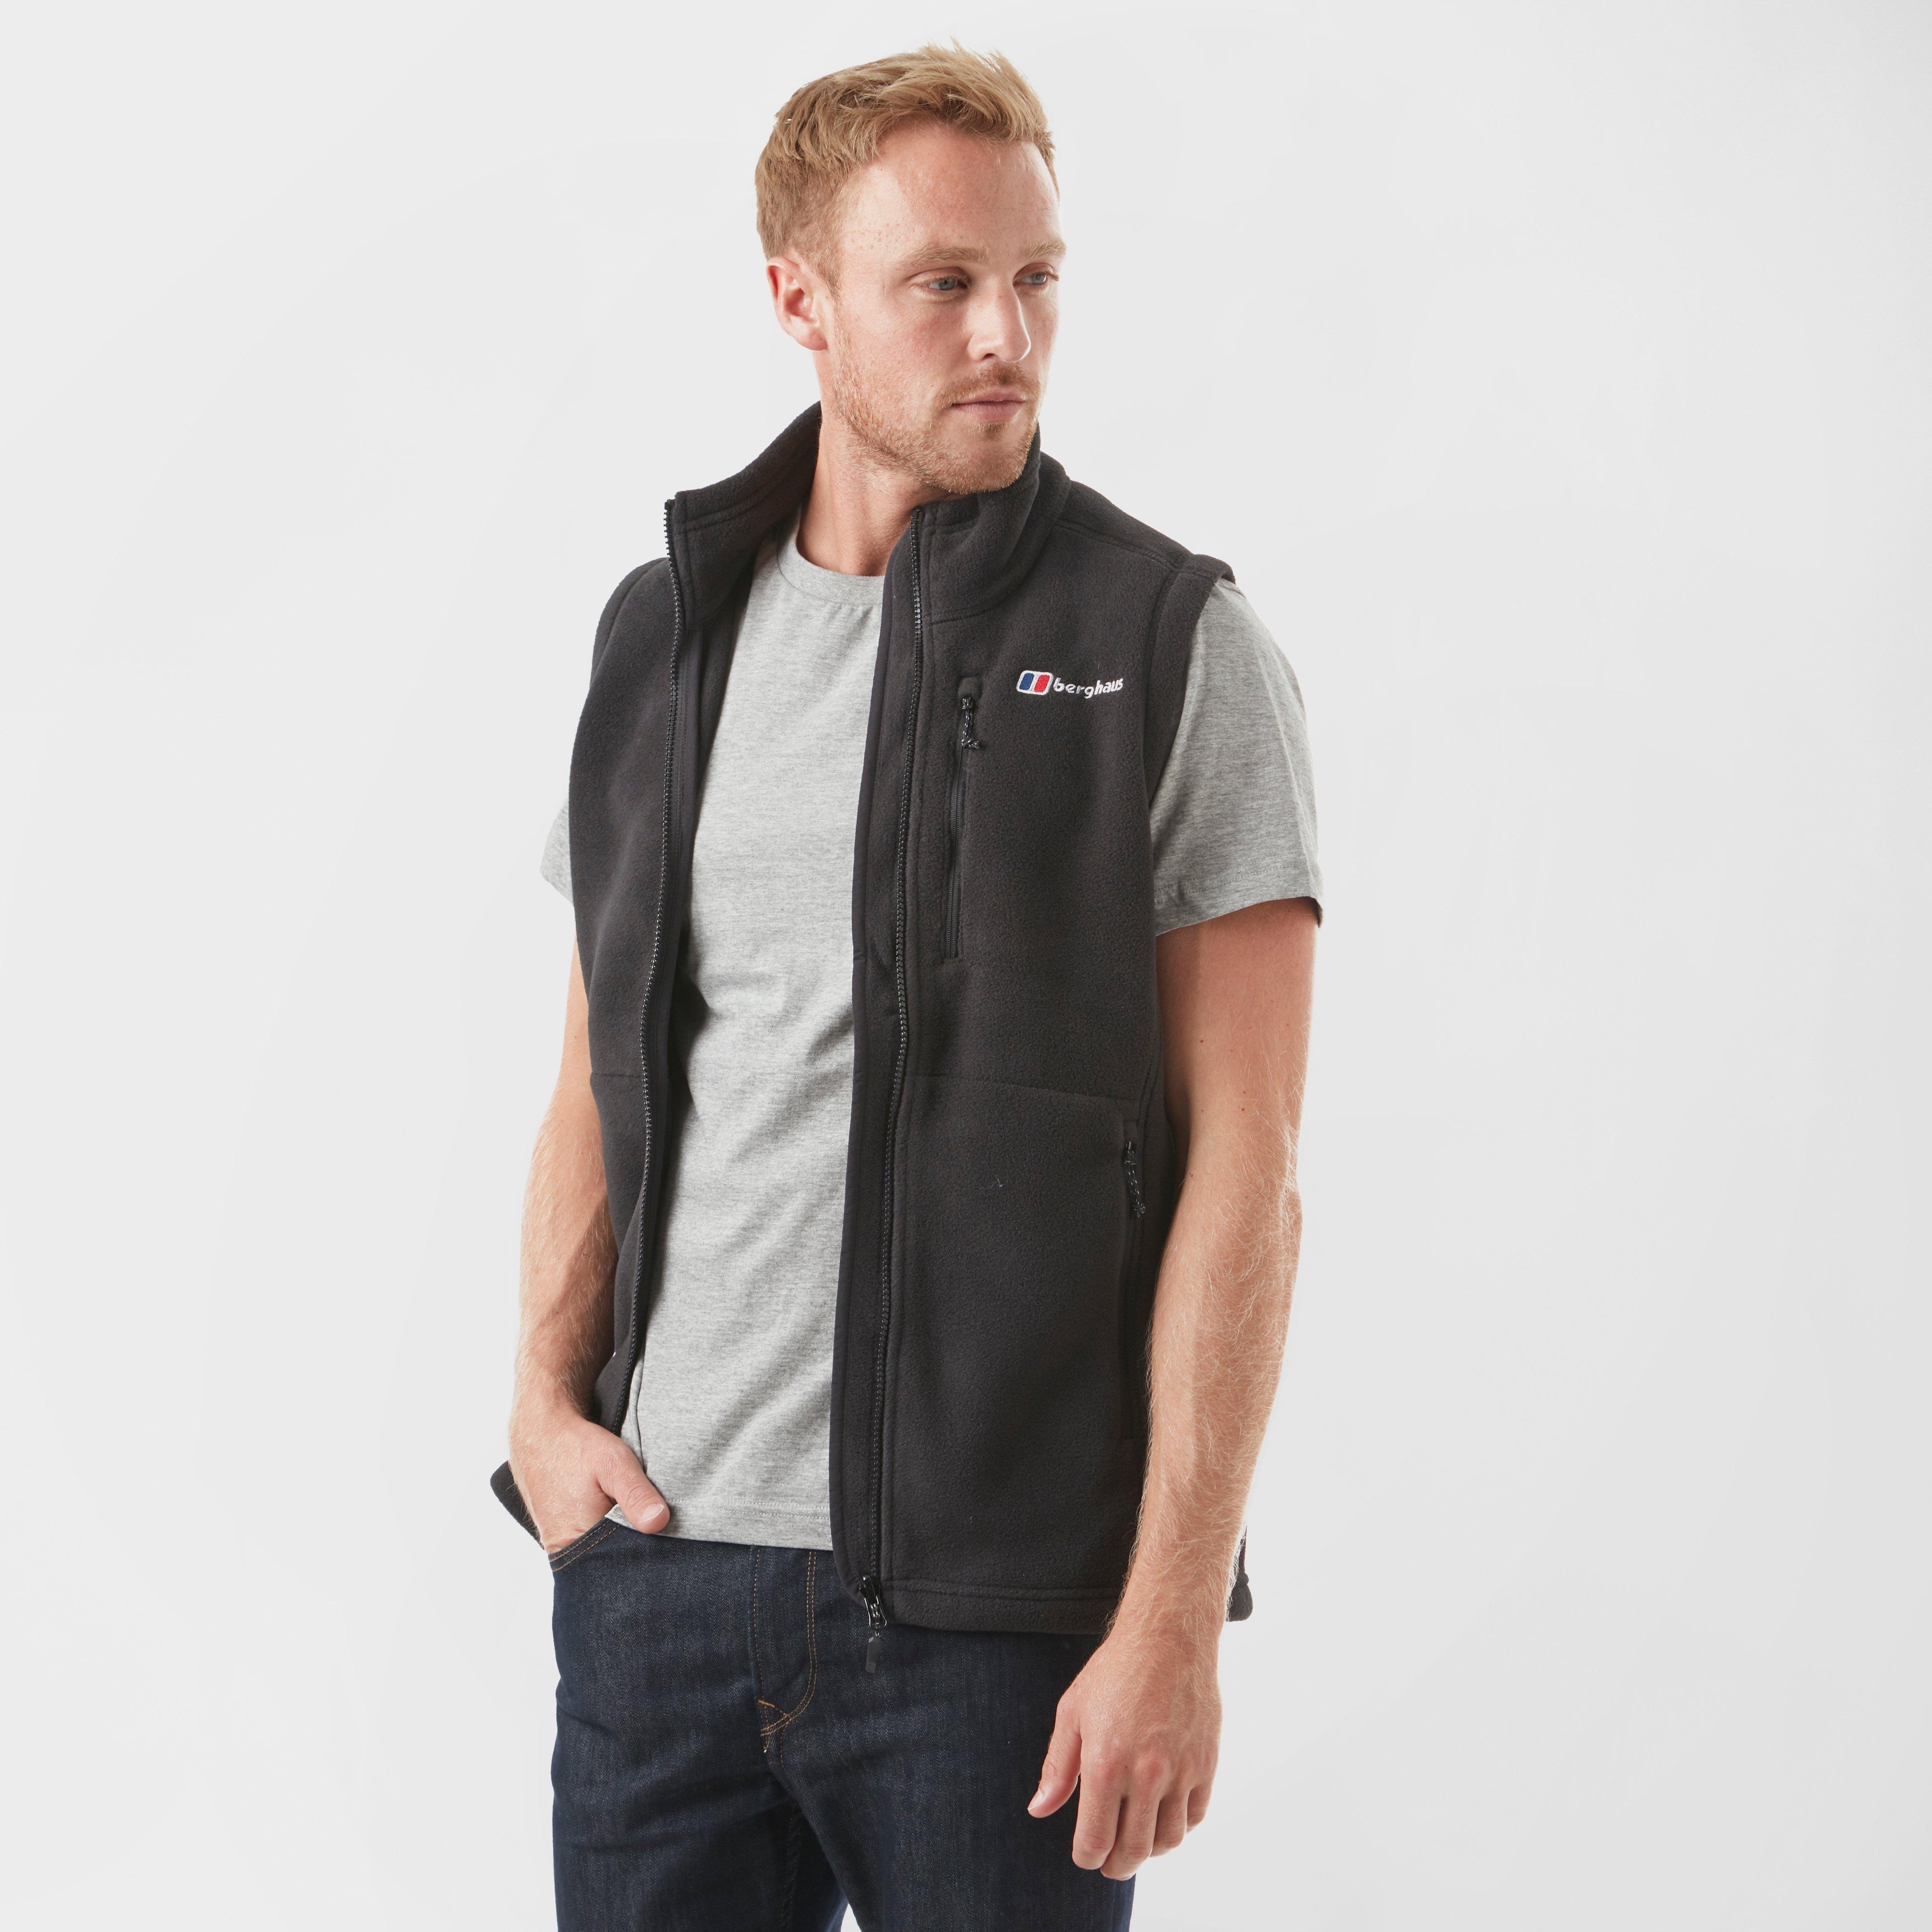 Berghaus Mens Prism 2.0 Gilet - Black/vest  Black/vest